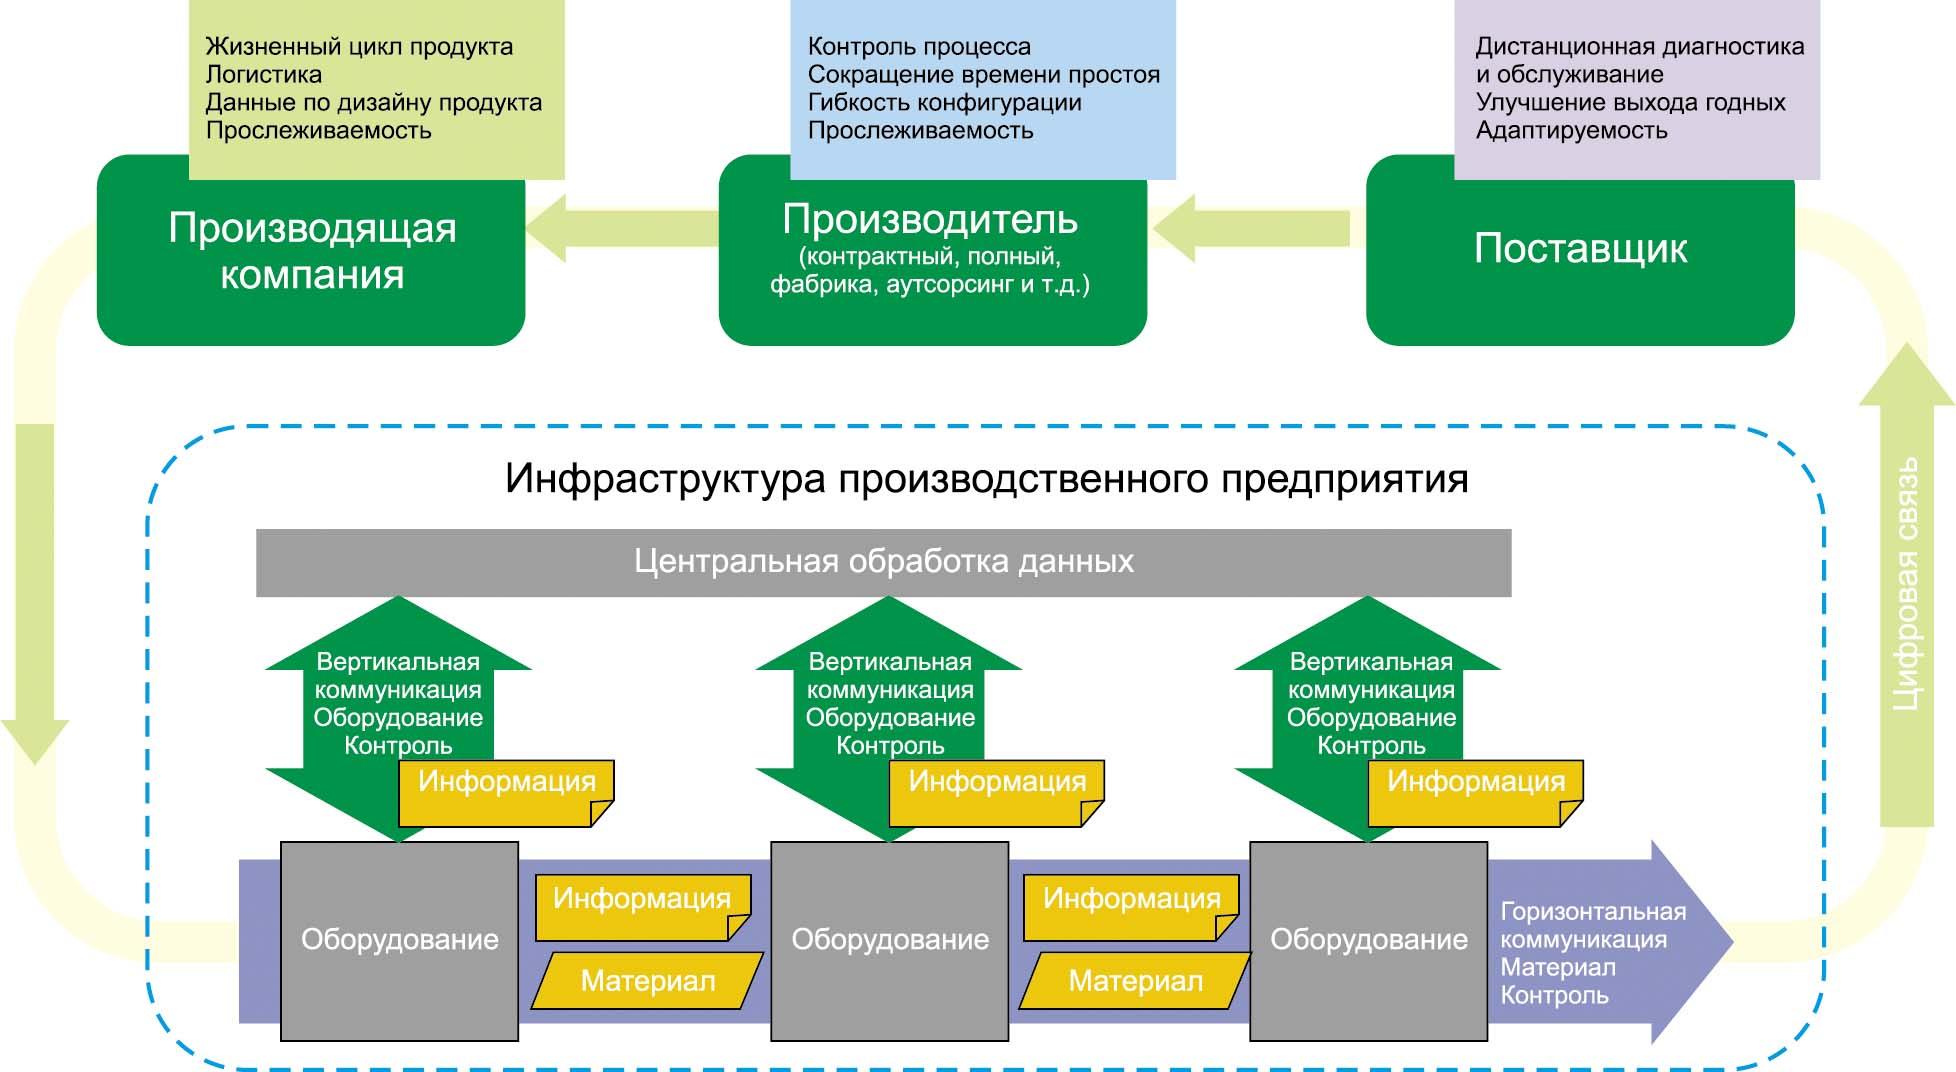 Представления SEMI о будущем «умном» интегрированном производстве электроник